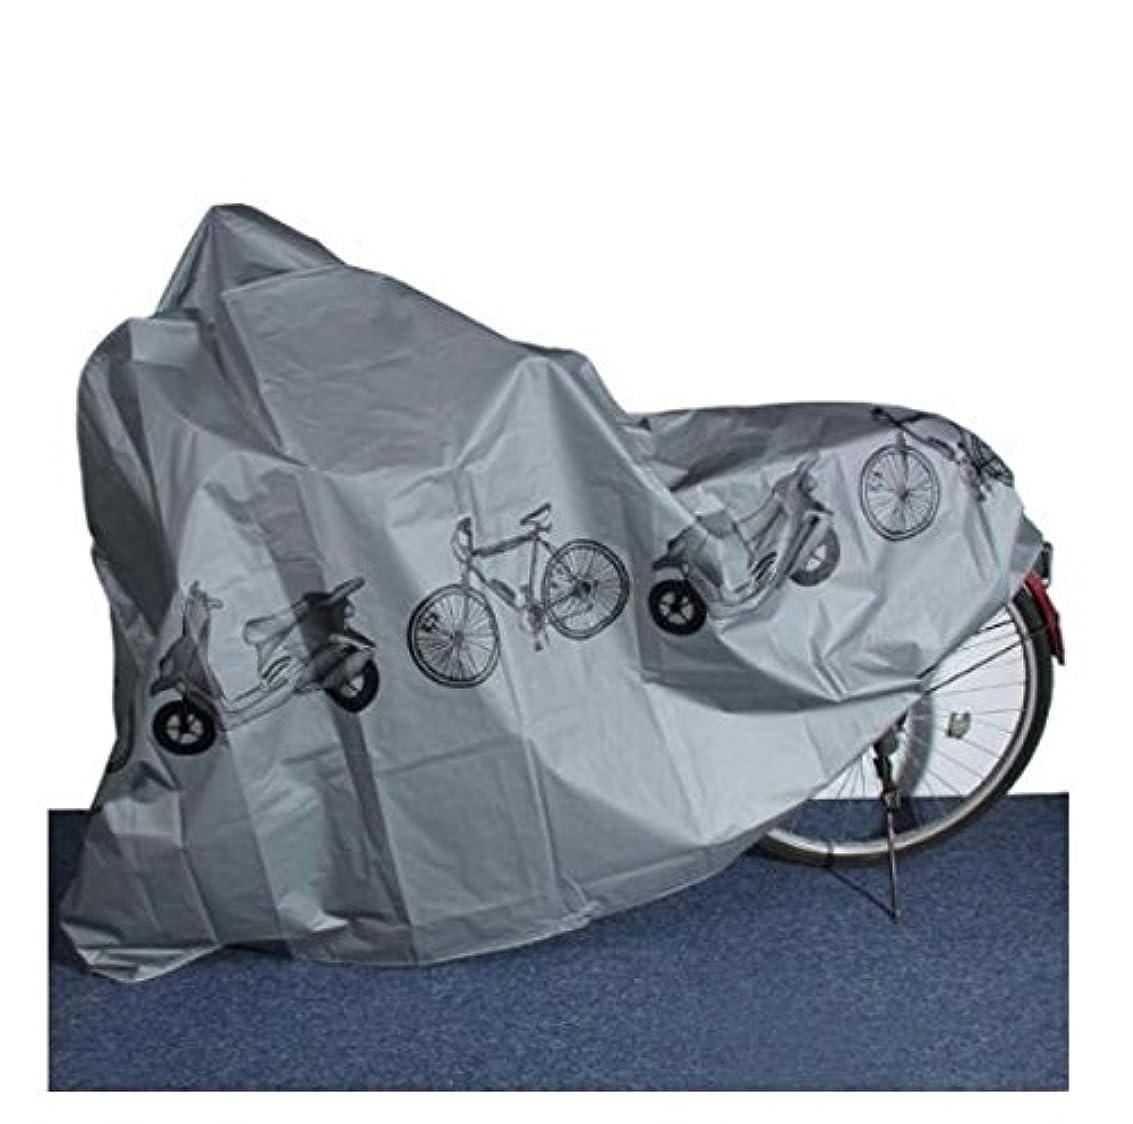 振る舞う子音曖昧な自転車カバー サイクルカバー 防水 厚手 破れにくい 防犯 防風 防盗